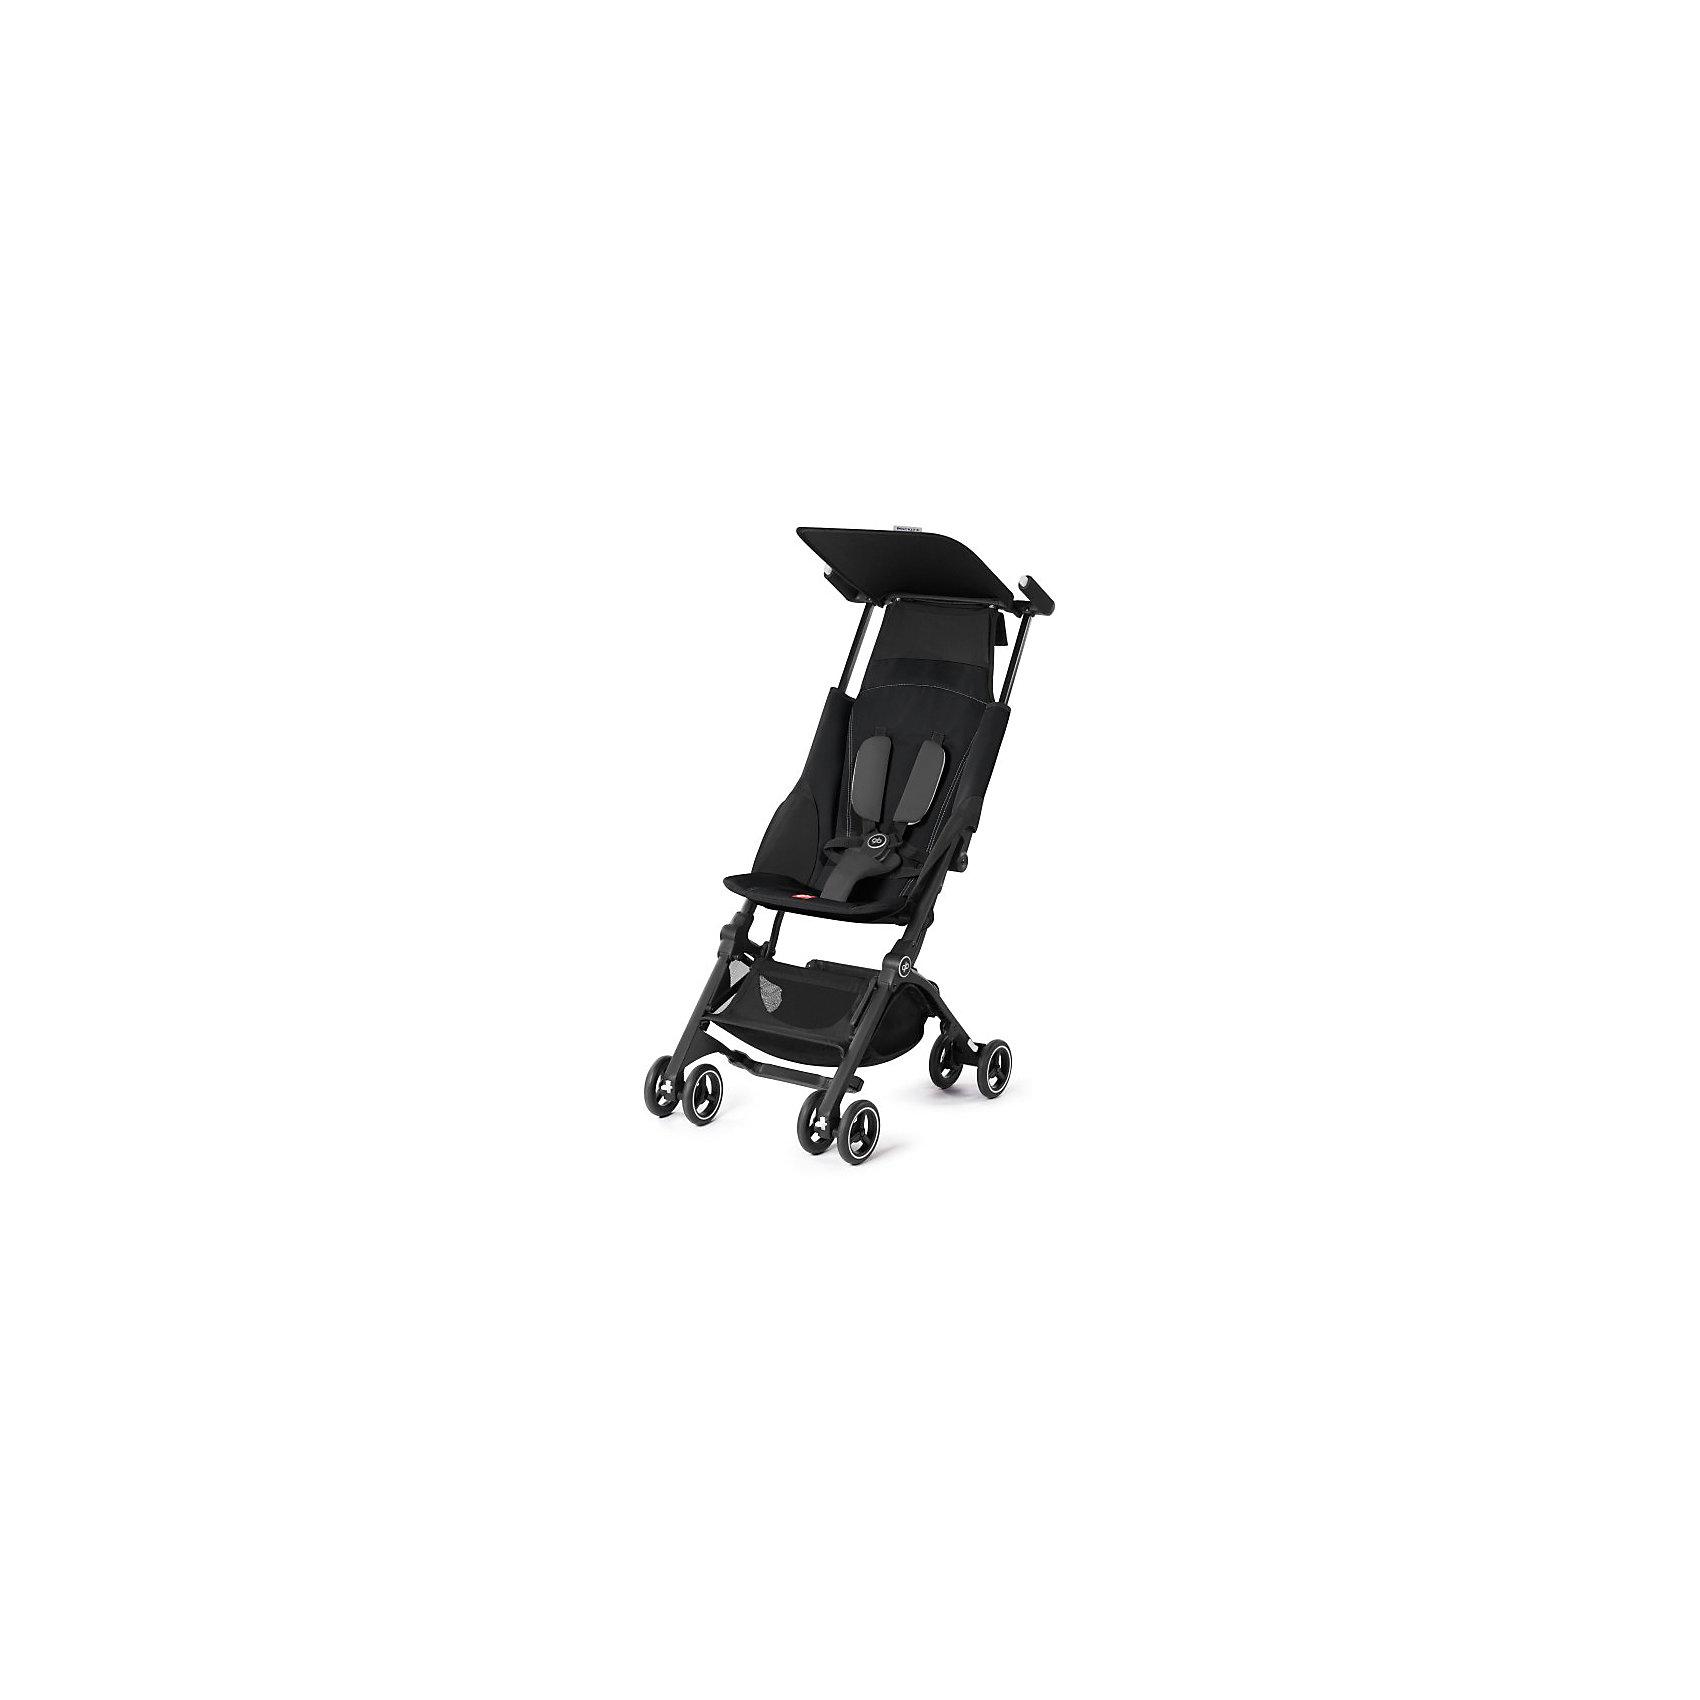 Прогулочная коляска GB pockit +, Monnument BlackПрогулочные коляски<br>Характеристики коляски GB Pockit+<br><br>Прогулочный блок:<br><br>• 2 положения спинки коляски: сидя и полусидя;<br>• 5-ти точечные ремни безопасности с мягкими съемными накладками на кпопках;<br>• навесной козырек, полностью убирается за спинку коляски;<br>• съемный для стирки чехол прогулочного блока;<br>• материал: пластик, полиэстер.<br><br>Рама коляски:<br><br>• сдвоенные колеса: передние поворотные с блокировкой, задние оснащены тормозом;<br>• имеется корзина для покупок, объем 8 л;<br>• компактное складывание с защитой от раскладывания;<br>• 2 способа складывания;<br>• механизм складывания: книжка, колеса обращены друг к другу;<br>• материал: алюминий.<br><br>Допустимая нагрузка: до 17 кг<br>Размер коляски: 72х43х99 см<br>Размер коляски в сложенном виде: 30х18х35 см<br>Размер упаковки: 90х40х40 см<br>Вес коляски: 4,3 кг<br>Вес в упаковке: 6 кг<br><br>Супер компактная коляска Pockit+ в сложенном виде напоминает женскую сумку. Колеса направлены внутрь, коляска в сложенном виде фиксируется с помощью специального механизма. В отличии от модели Pockit, спинка коляски опускается на одну позицию, ребенок может занять положние сидя и полусидя.  Прогулочный блок оснащен ремнями безопасности, которые снабжены съемными плечевыми накладками. Козырек от солнца можно полностью убрать за спинку коляски. Корзина используется для транспортировки детских игрушек или немногочисленных покупок. <br><br>Прогулочную коляску pockit +, GB, Monnument Black можно купить в нашем интернет-магазине.<br><br>Ширина мм: 900<br>Глубина мм: 400<br>Высота мм: 400<br>Вес г: 6000<br>Возраст от месяцев: 6<br>Возраст до месяцев: 36<br>Пол: Унисекс<br>Возраст: Детский<br>SKU: 5532649